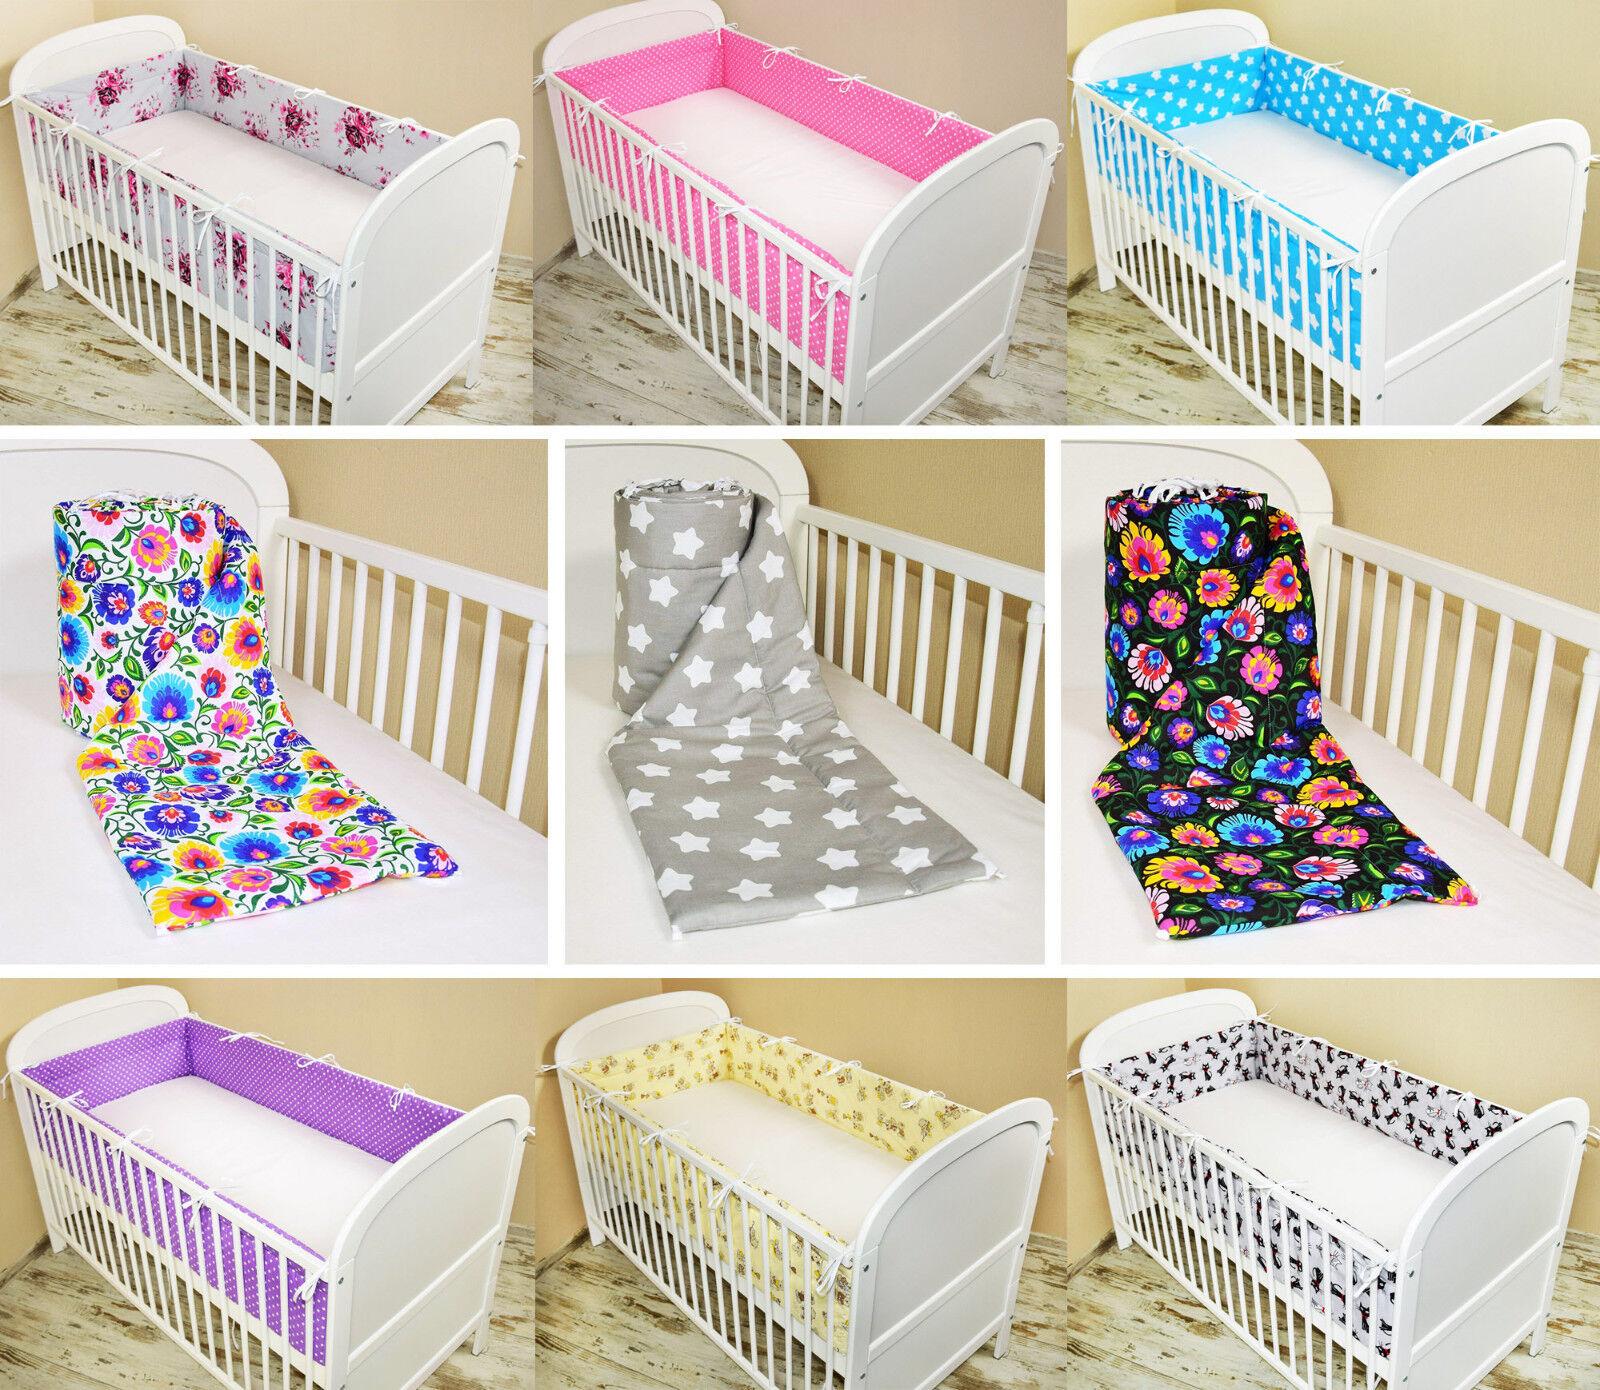 Bettumrandung Nestchen Kopfschutz 420x30, 360, 180 Bettnestchen Baby Design neu